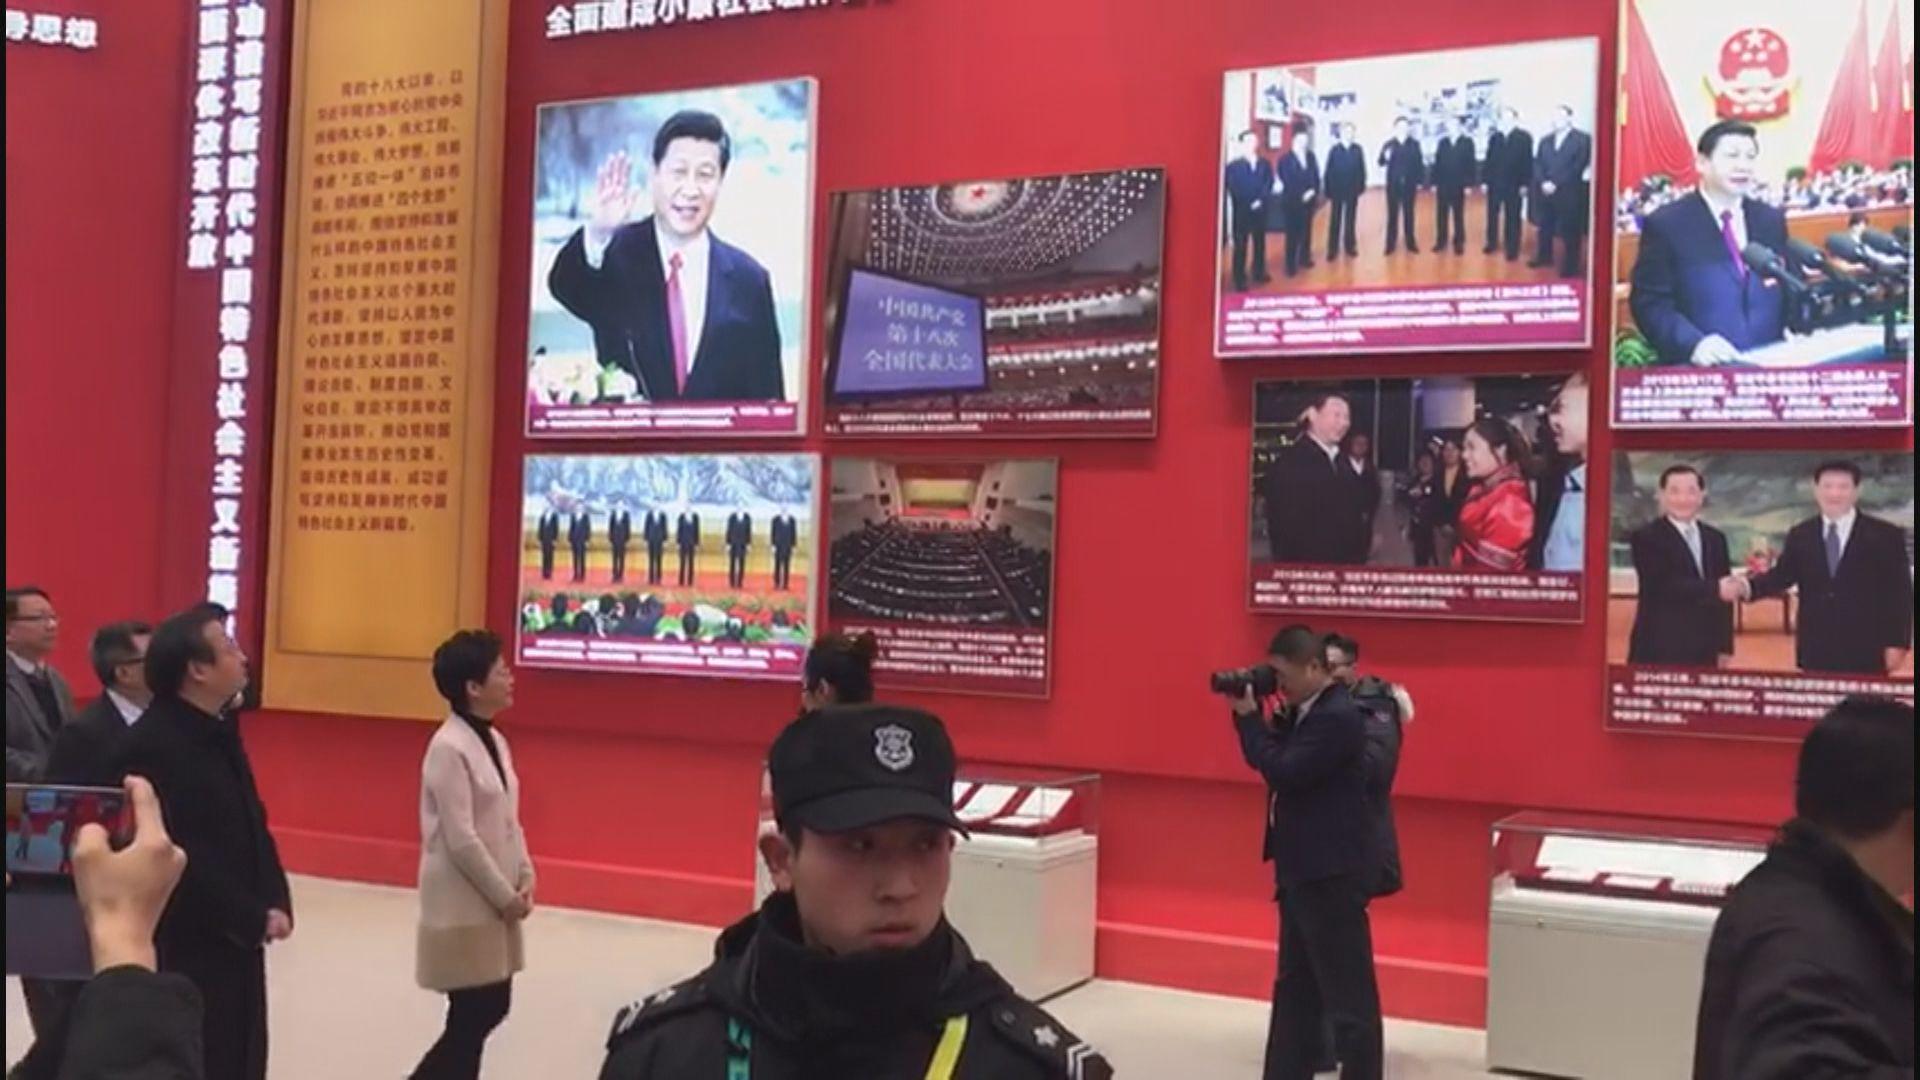 林鄭月娥參觀慶祝改革開放四十年展覽